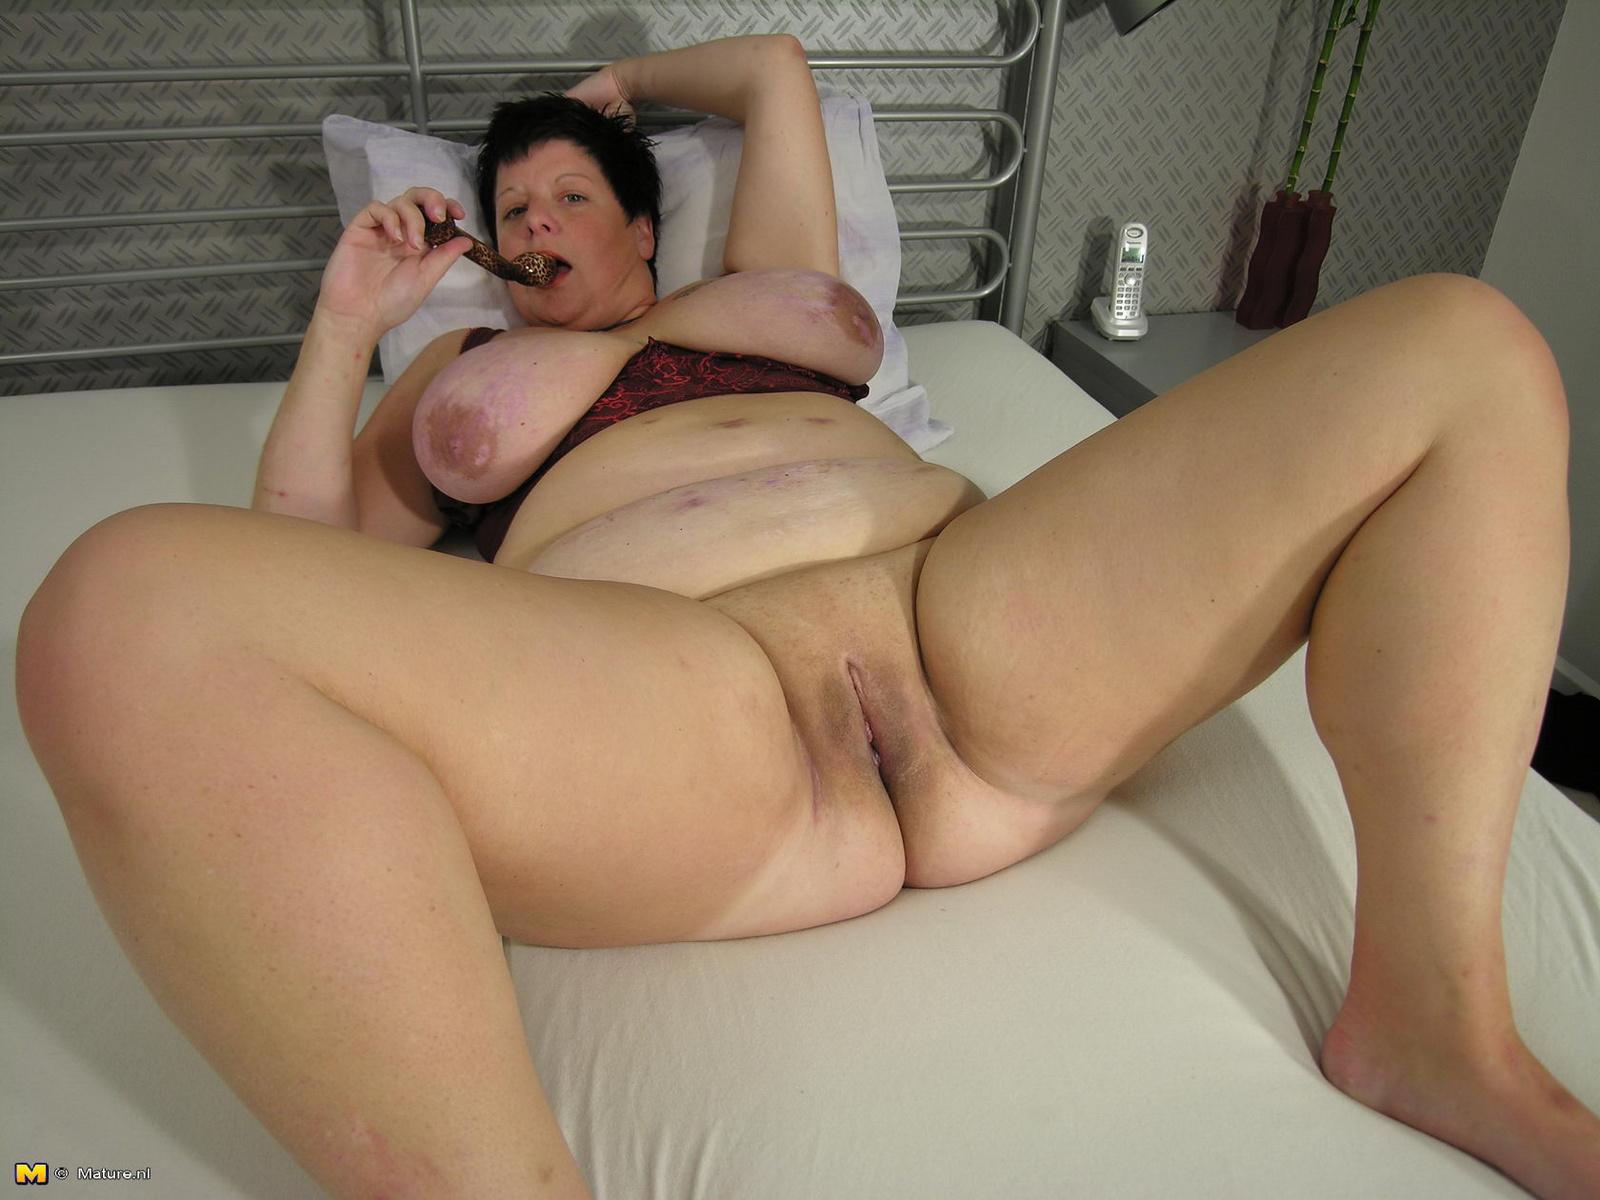 Смотреть бесплатно порно ролики полные зрелые, Зрелые дамы на Порно Тигр 9 фотография